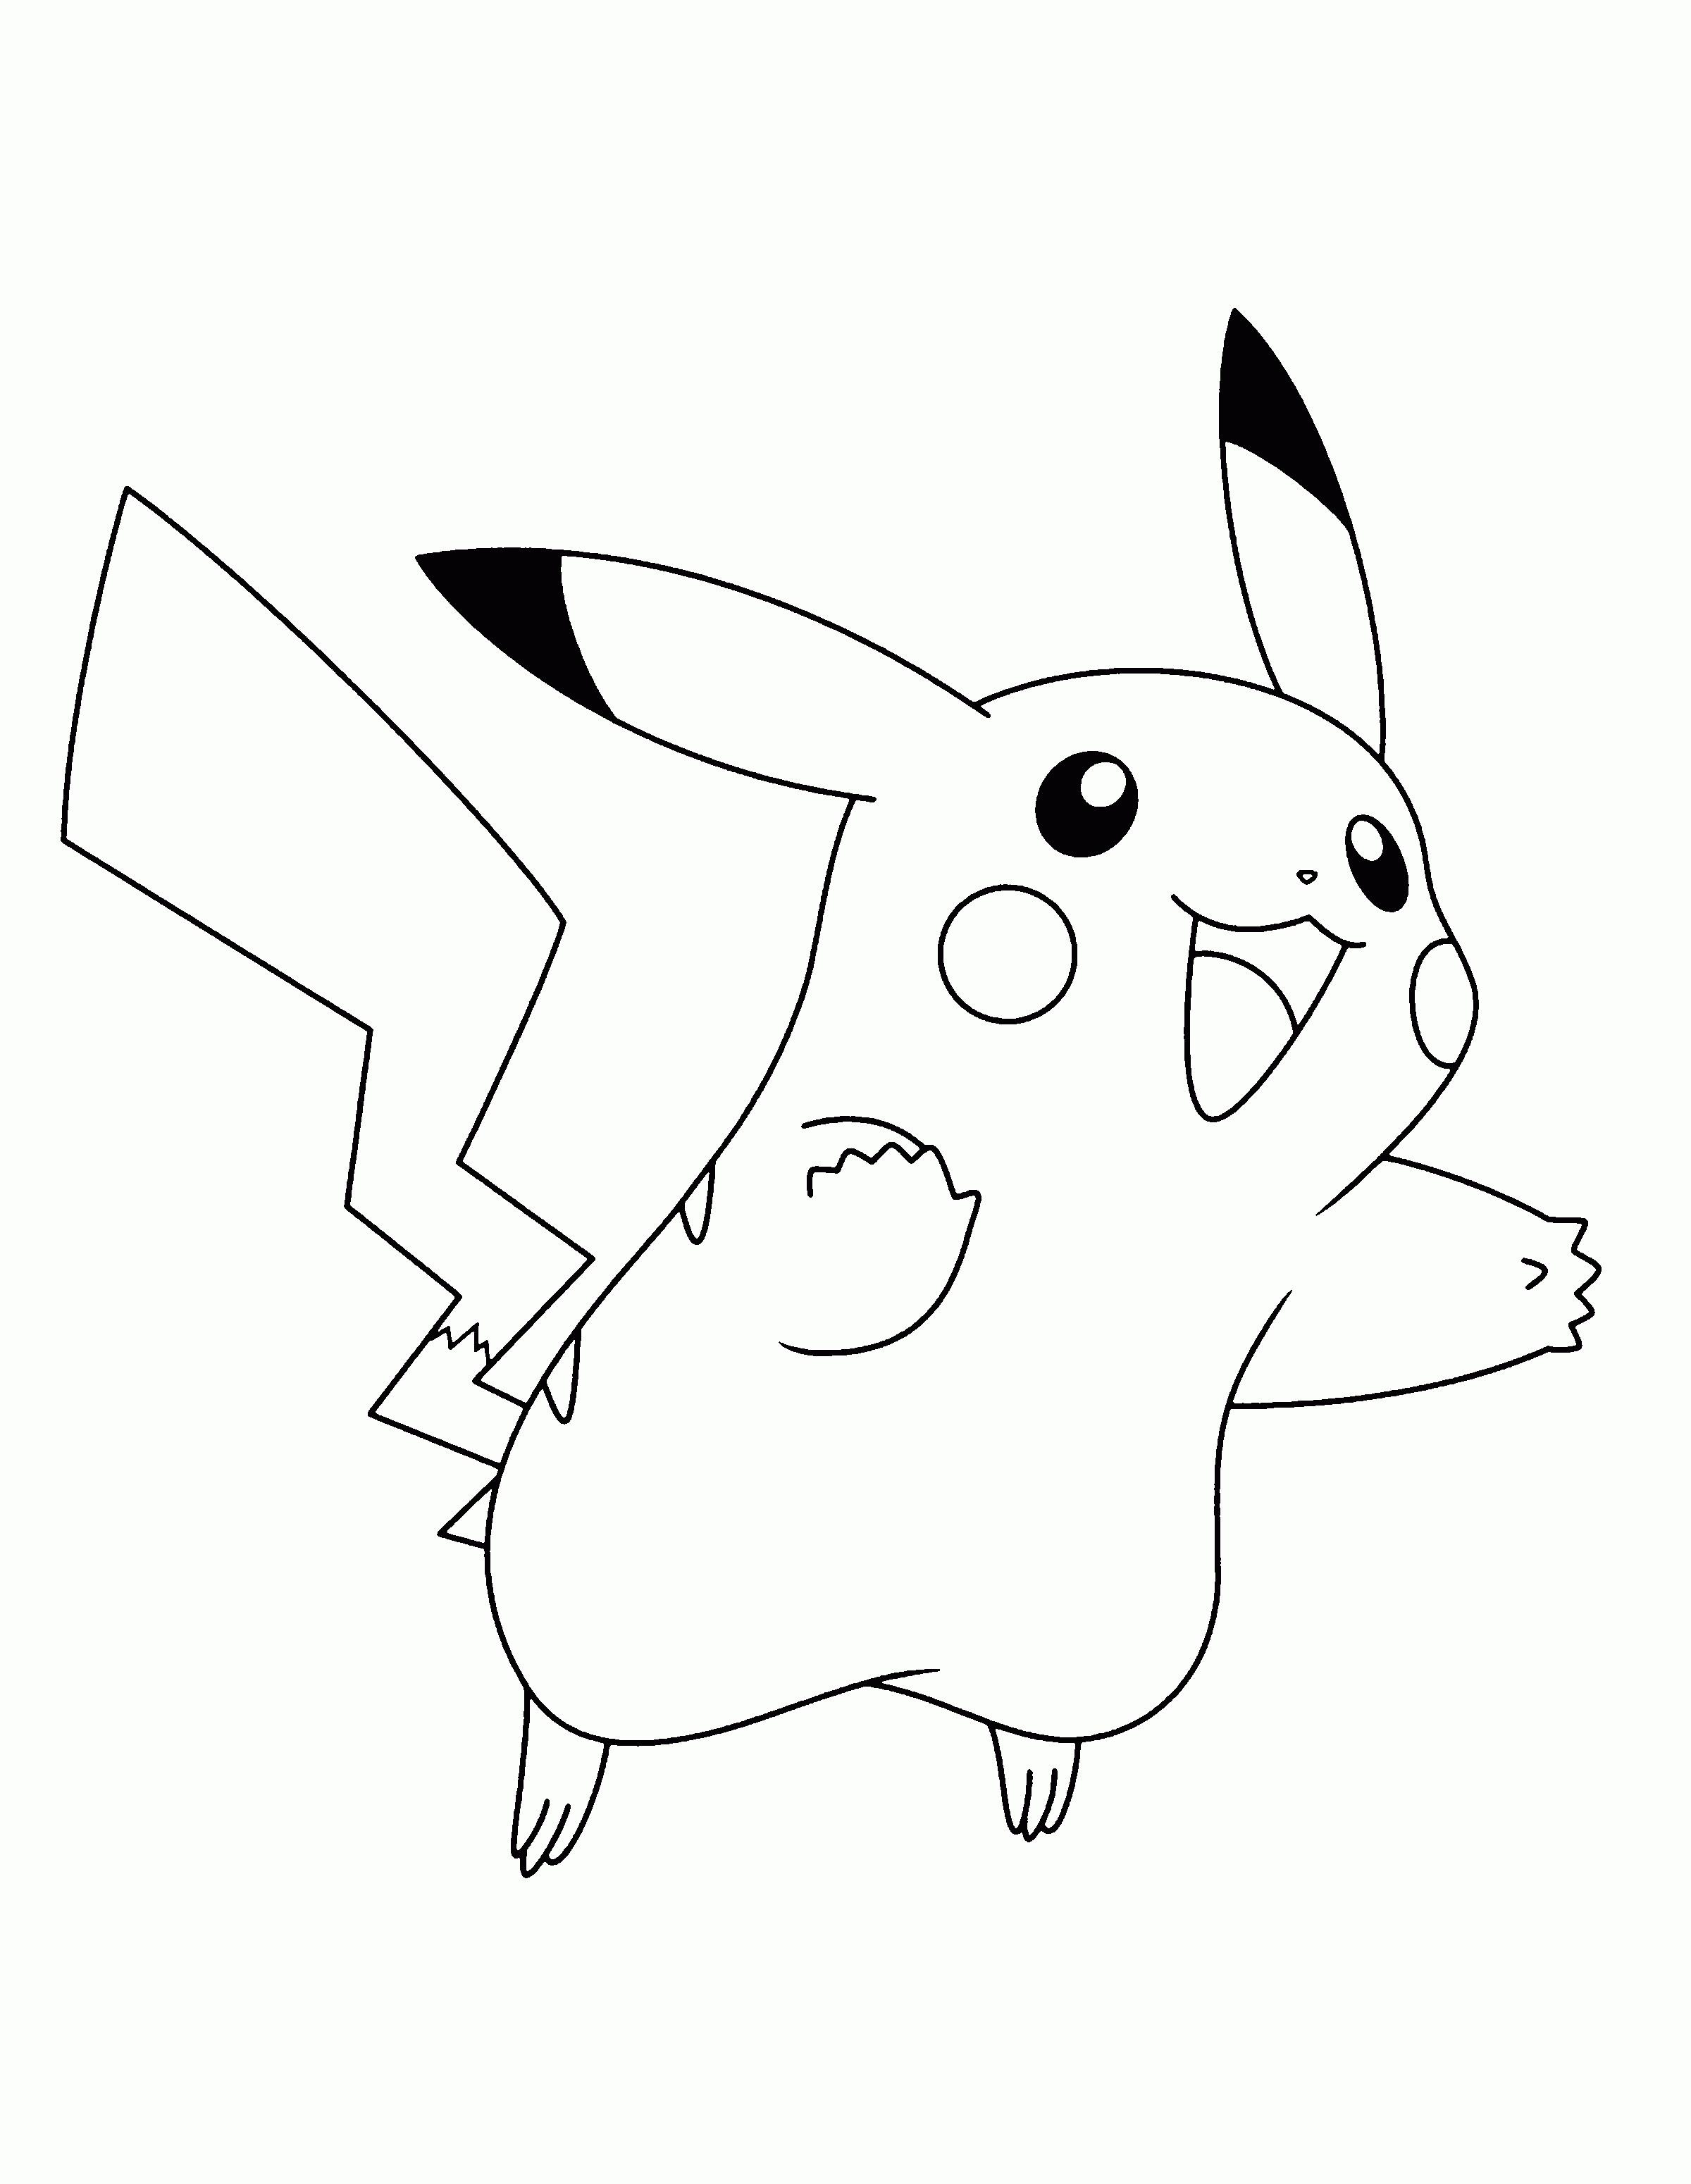 Malvorlagen Pokemon Kostenlos Inspirierend Malvorlagen Malvorlagen Pokemon Fotografieren